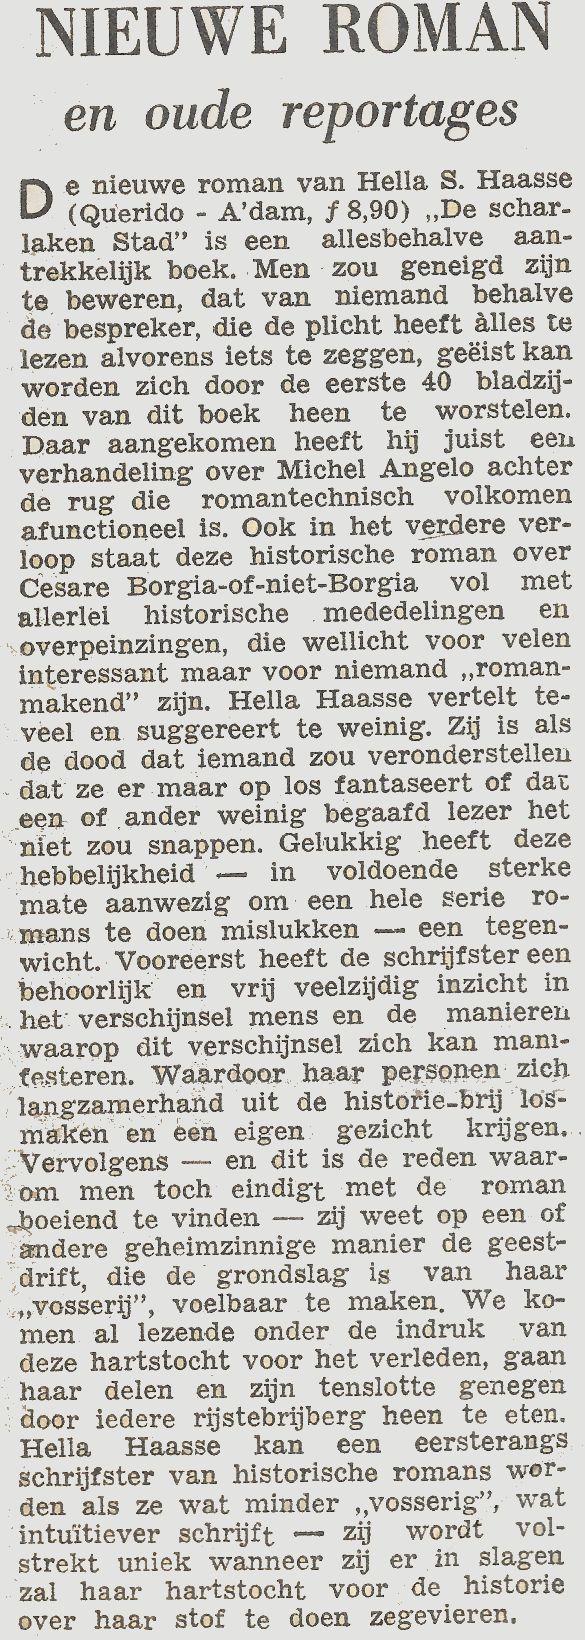 NieuweRomanEnOudeReportagesKrantOnbekendSchrijverOnbekendBoekDeScharlakenStad1952